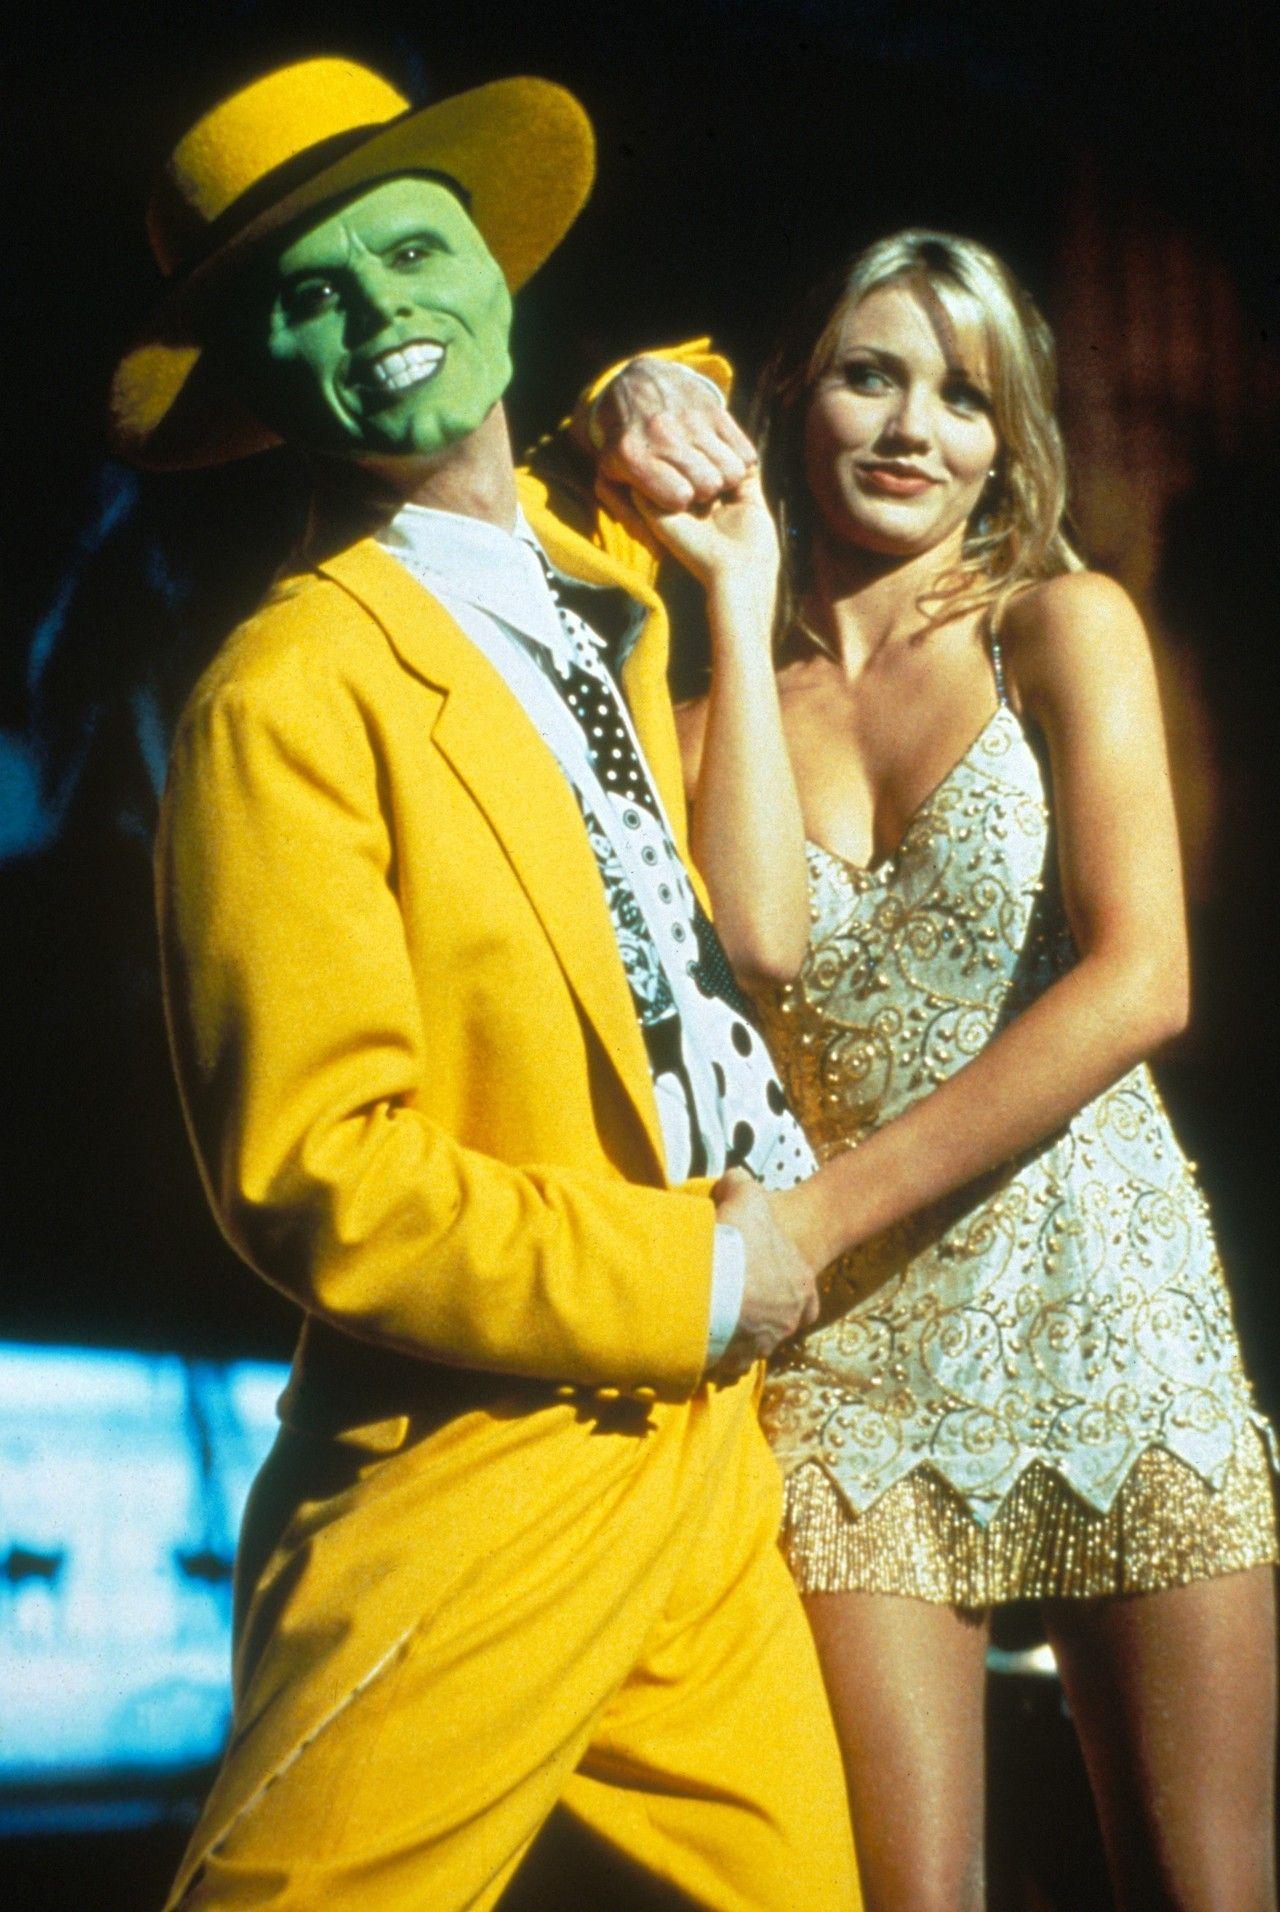 Jim Carrey And Cameron Diaz In The Mask 1994 Jim Carrey Cameron Diaz Movies Cameron Diaz